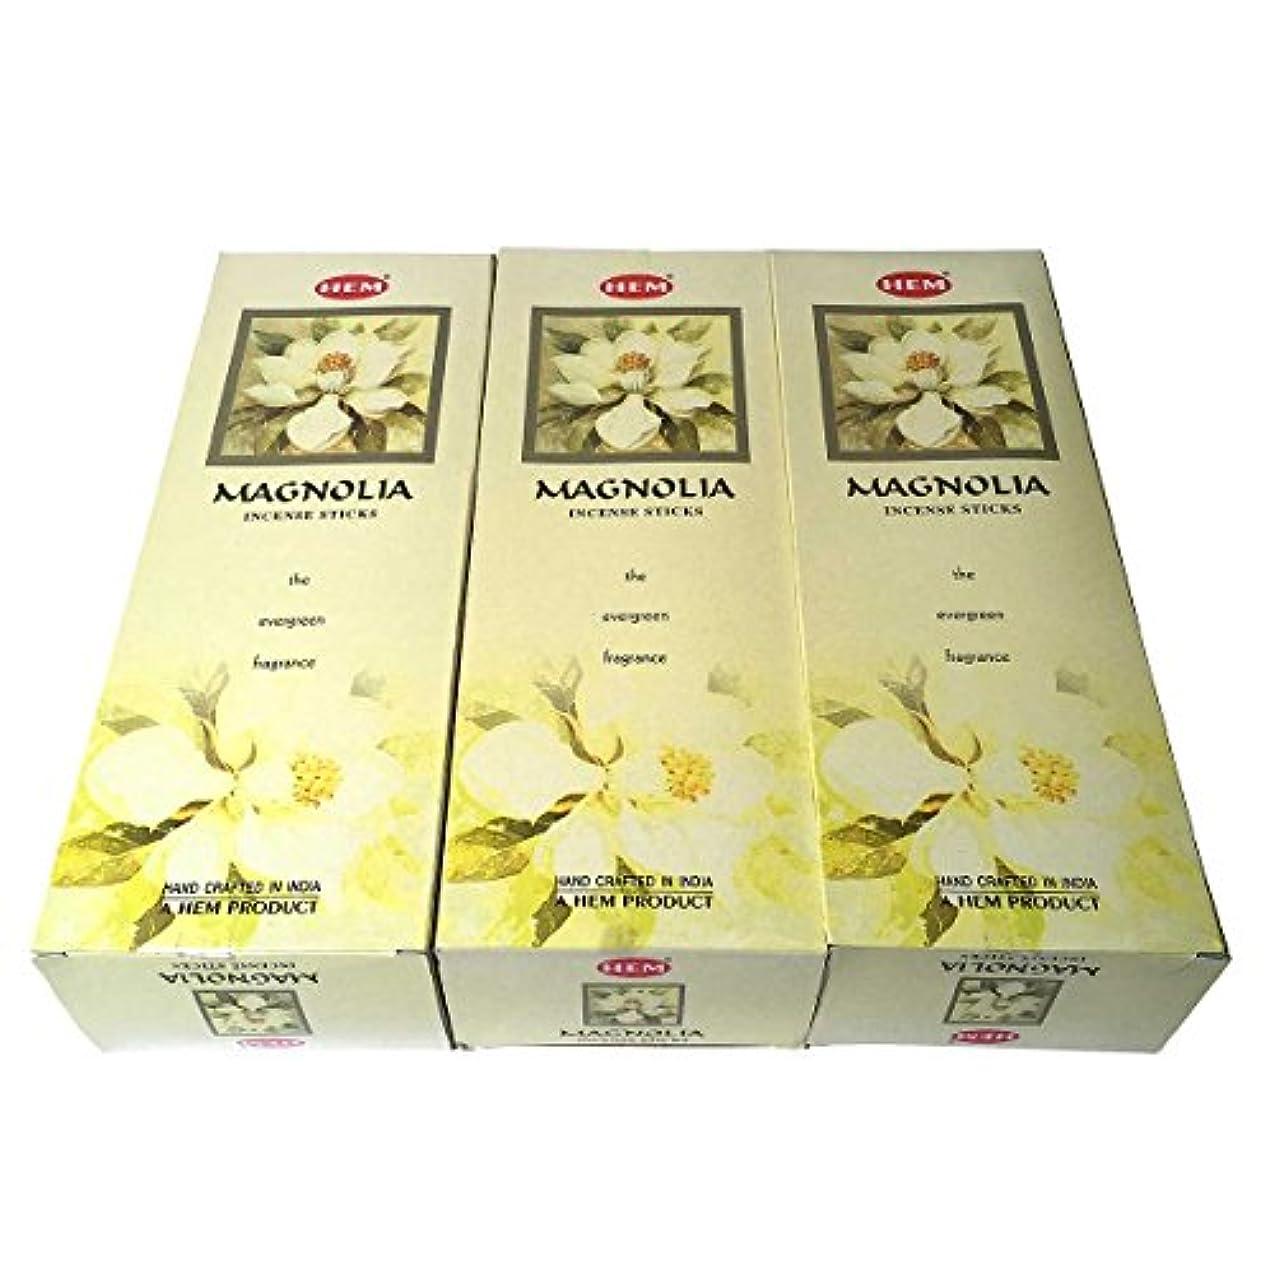 ソブリケット手書きグローバルマグノリア香スティック 3BOX(18箱) /HEM MAGNOLIA/お香/インセンス/インド香 お香 [並行輸入品]